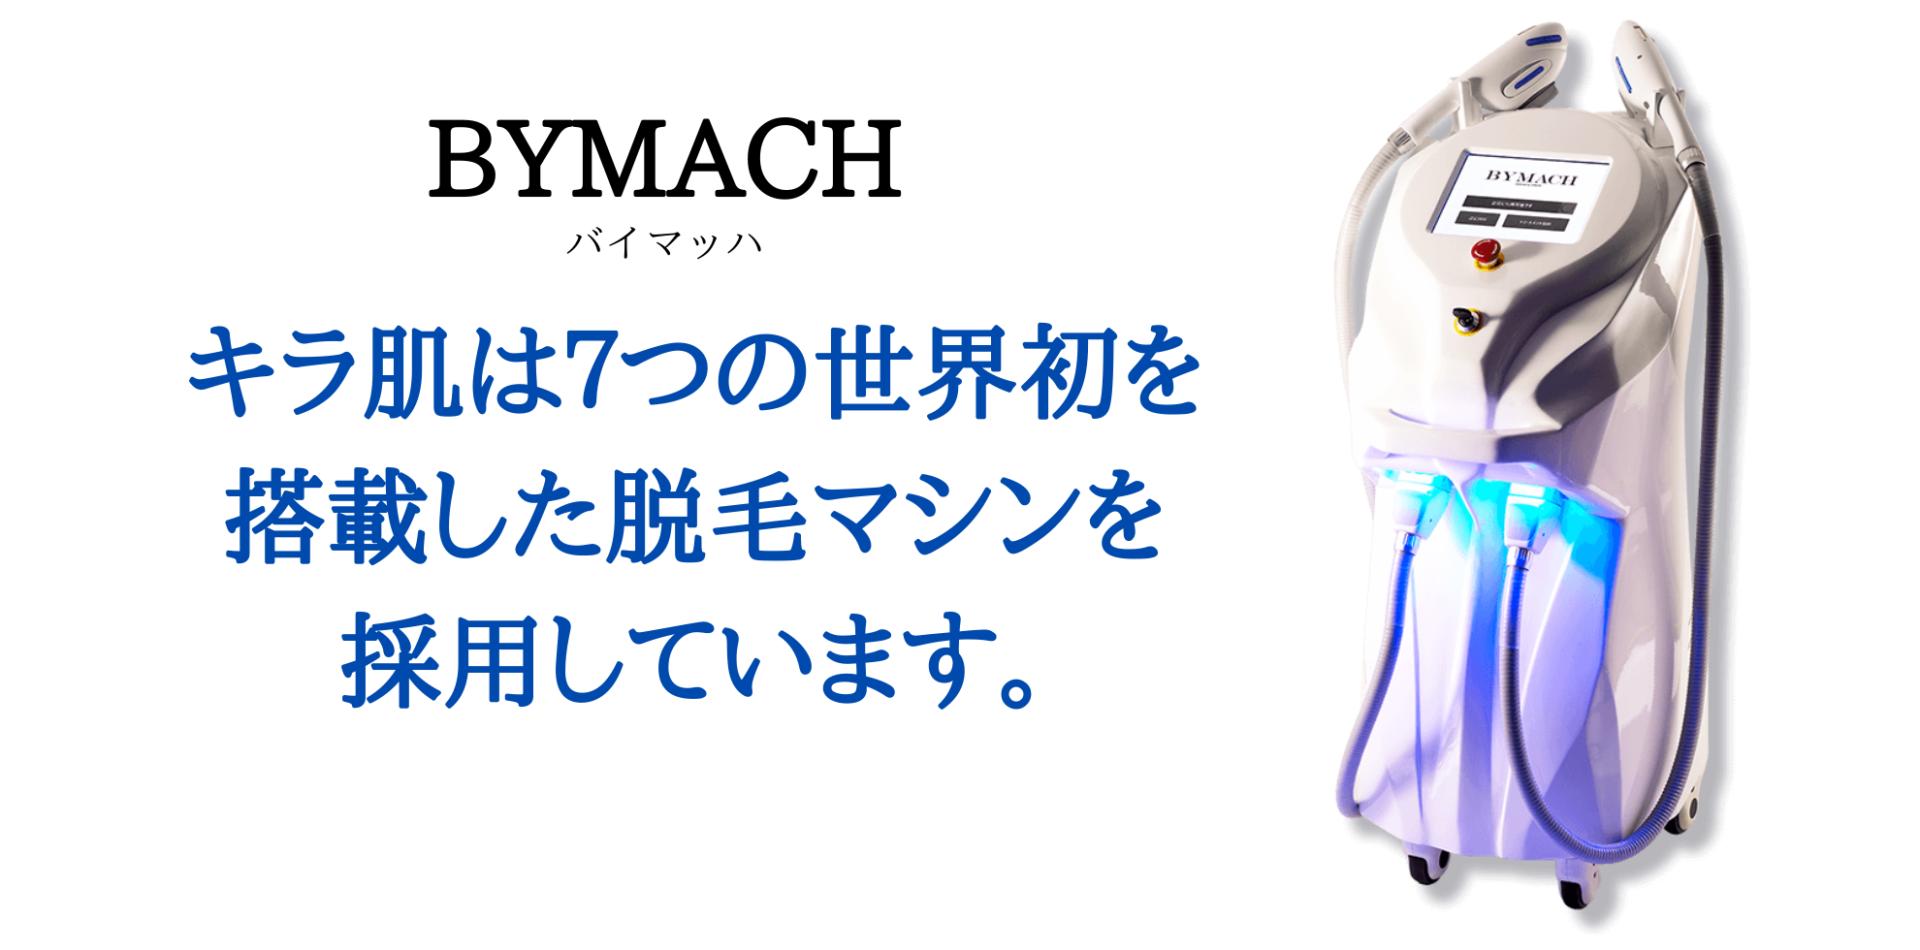 キラ肌は7つの世界初を搭載したバイマッハを採用しています。